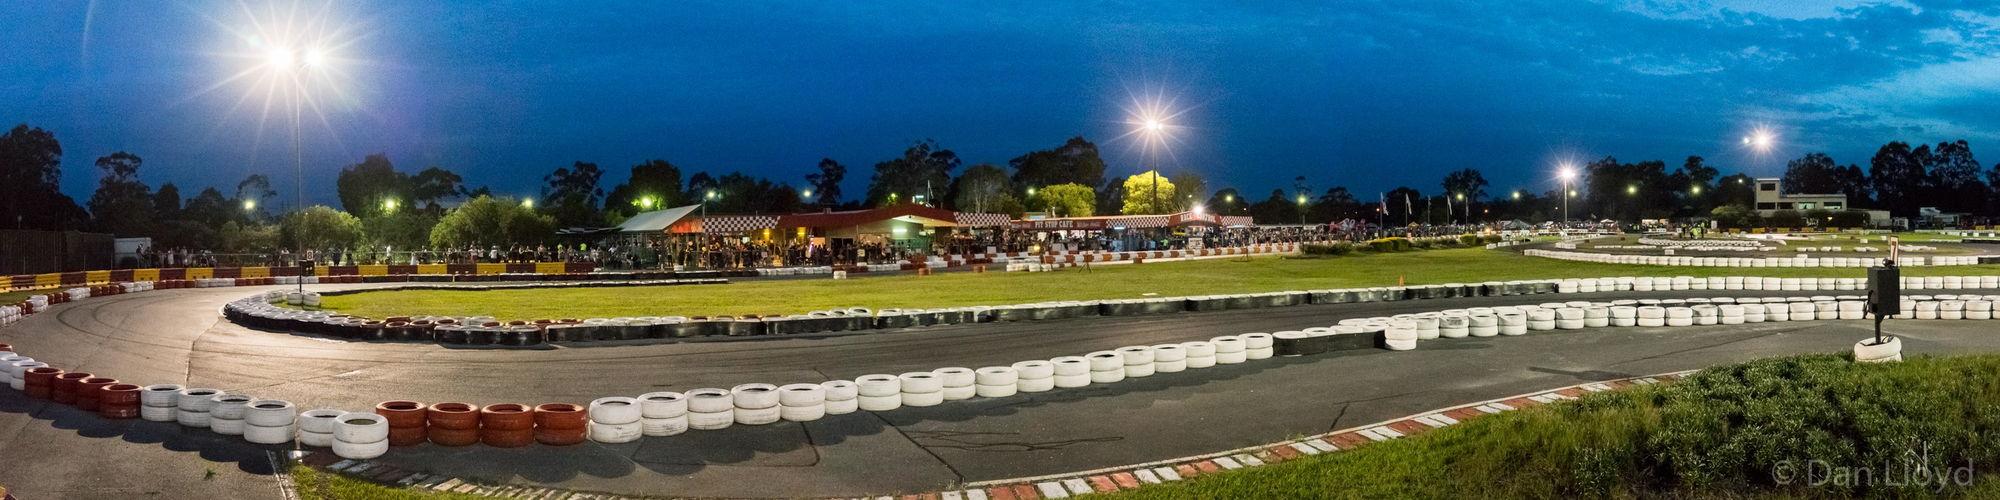 Kingston Park Raceway cover image